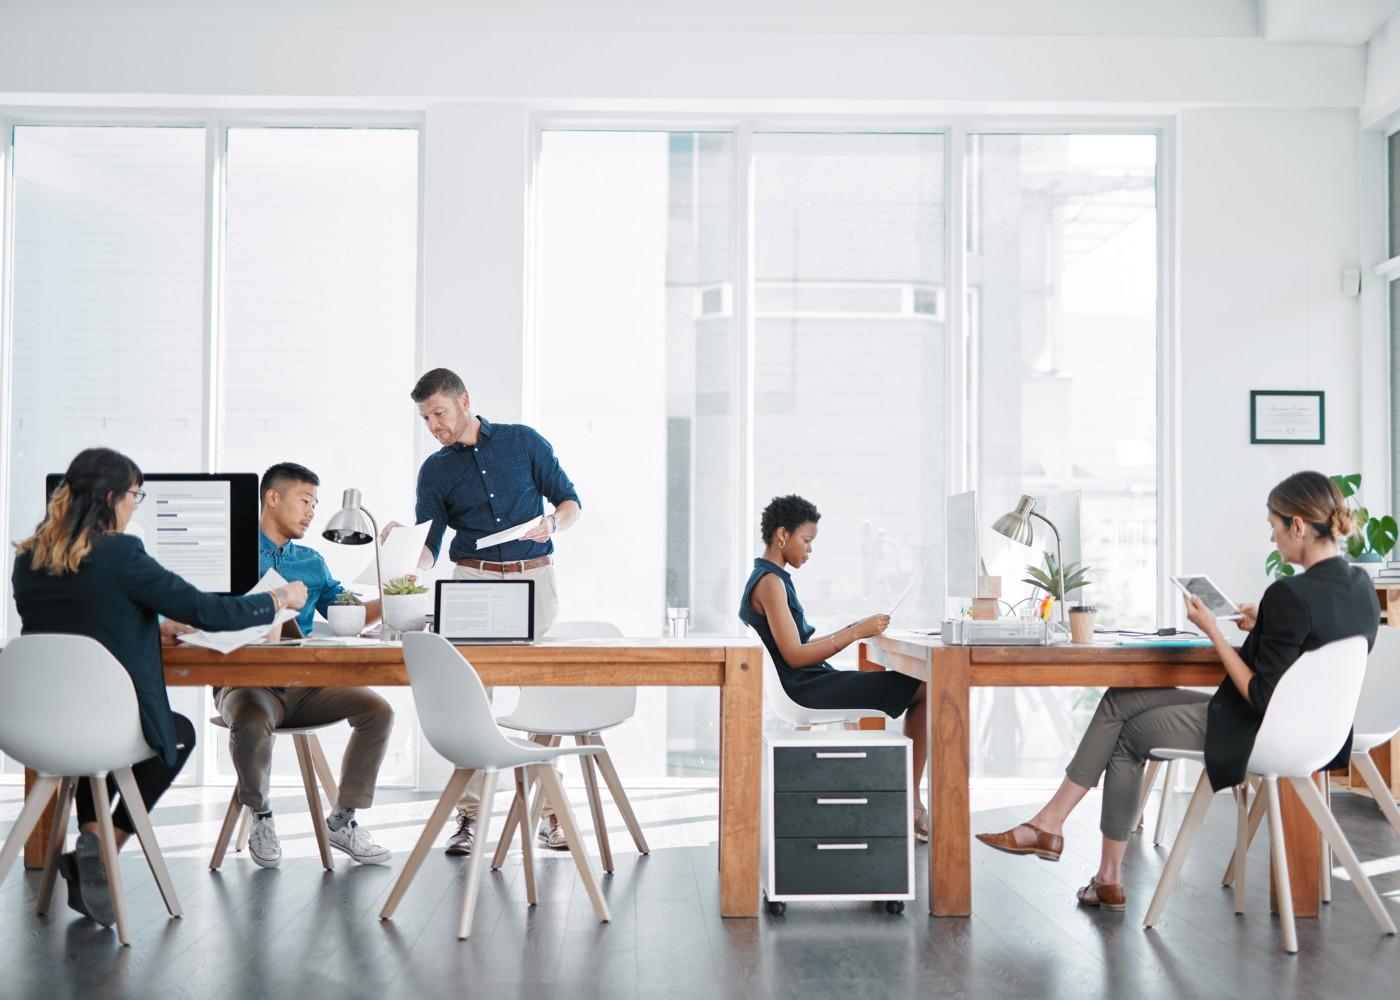 pessoas a trabalhar num escritório